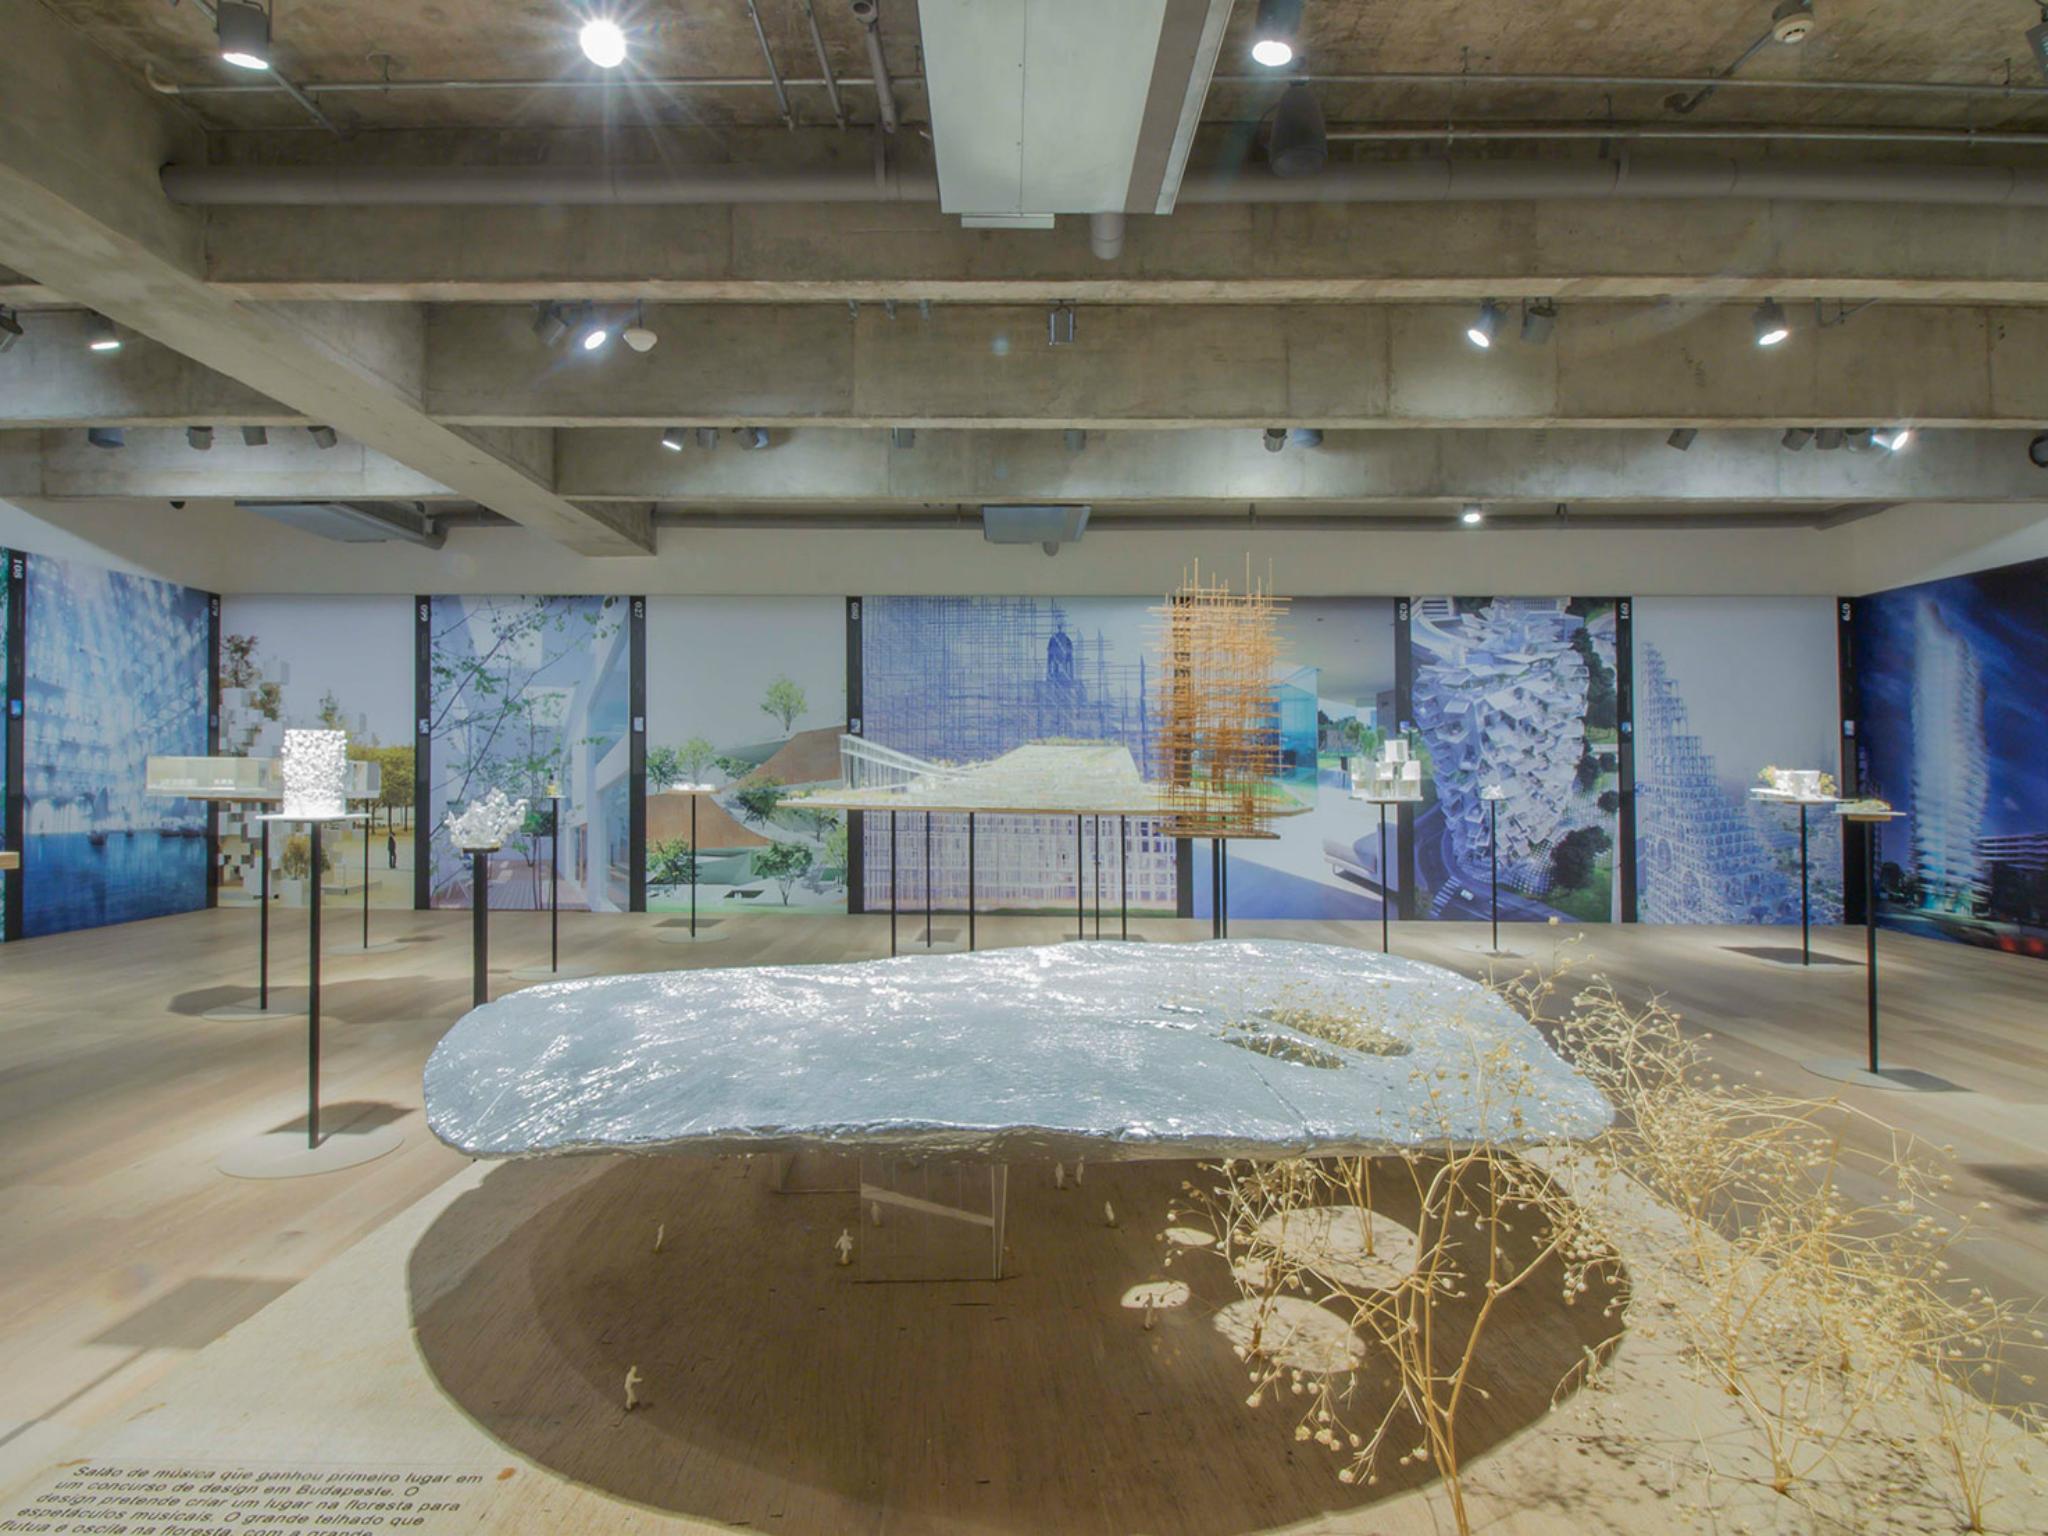 ロンドンに日本文化の発信拠点「ジャパン ハウス」、6月オープン